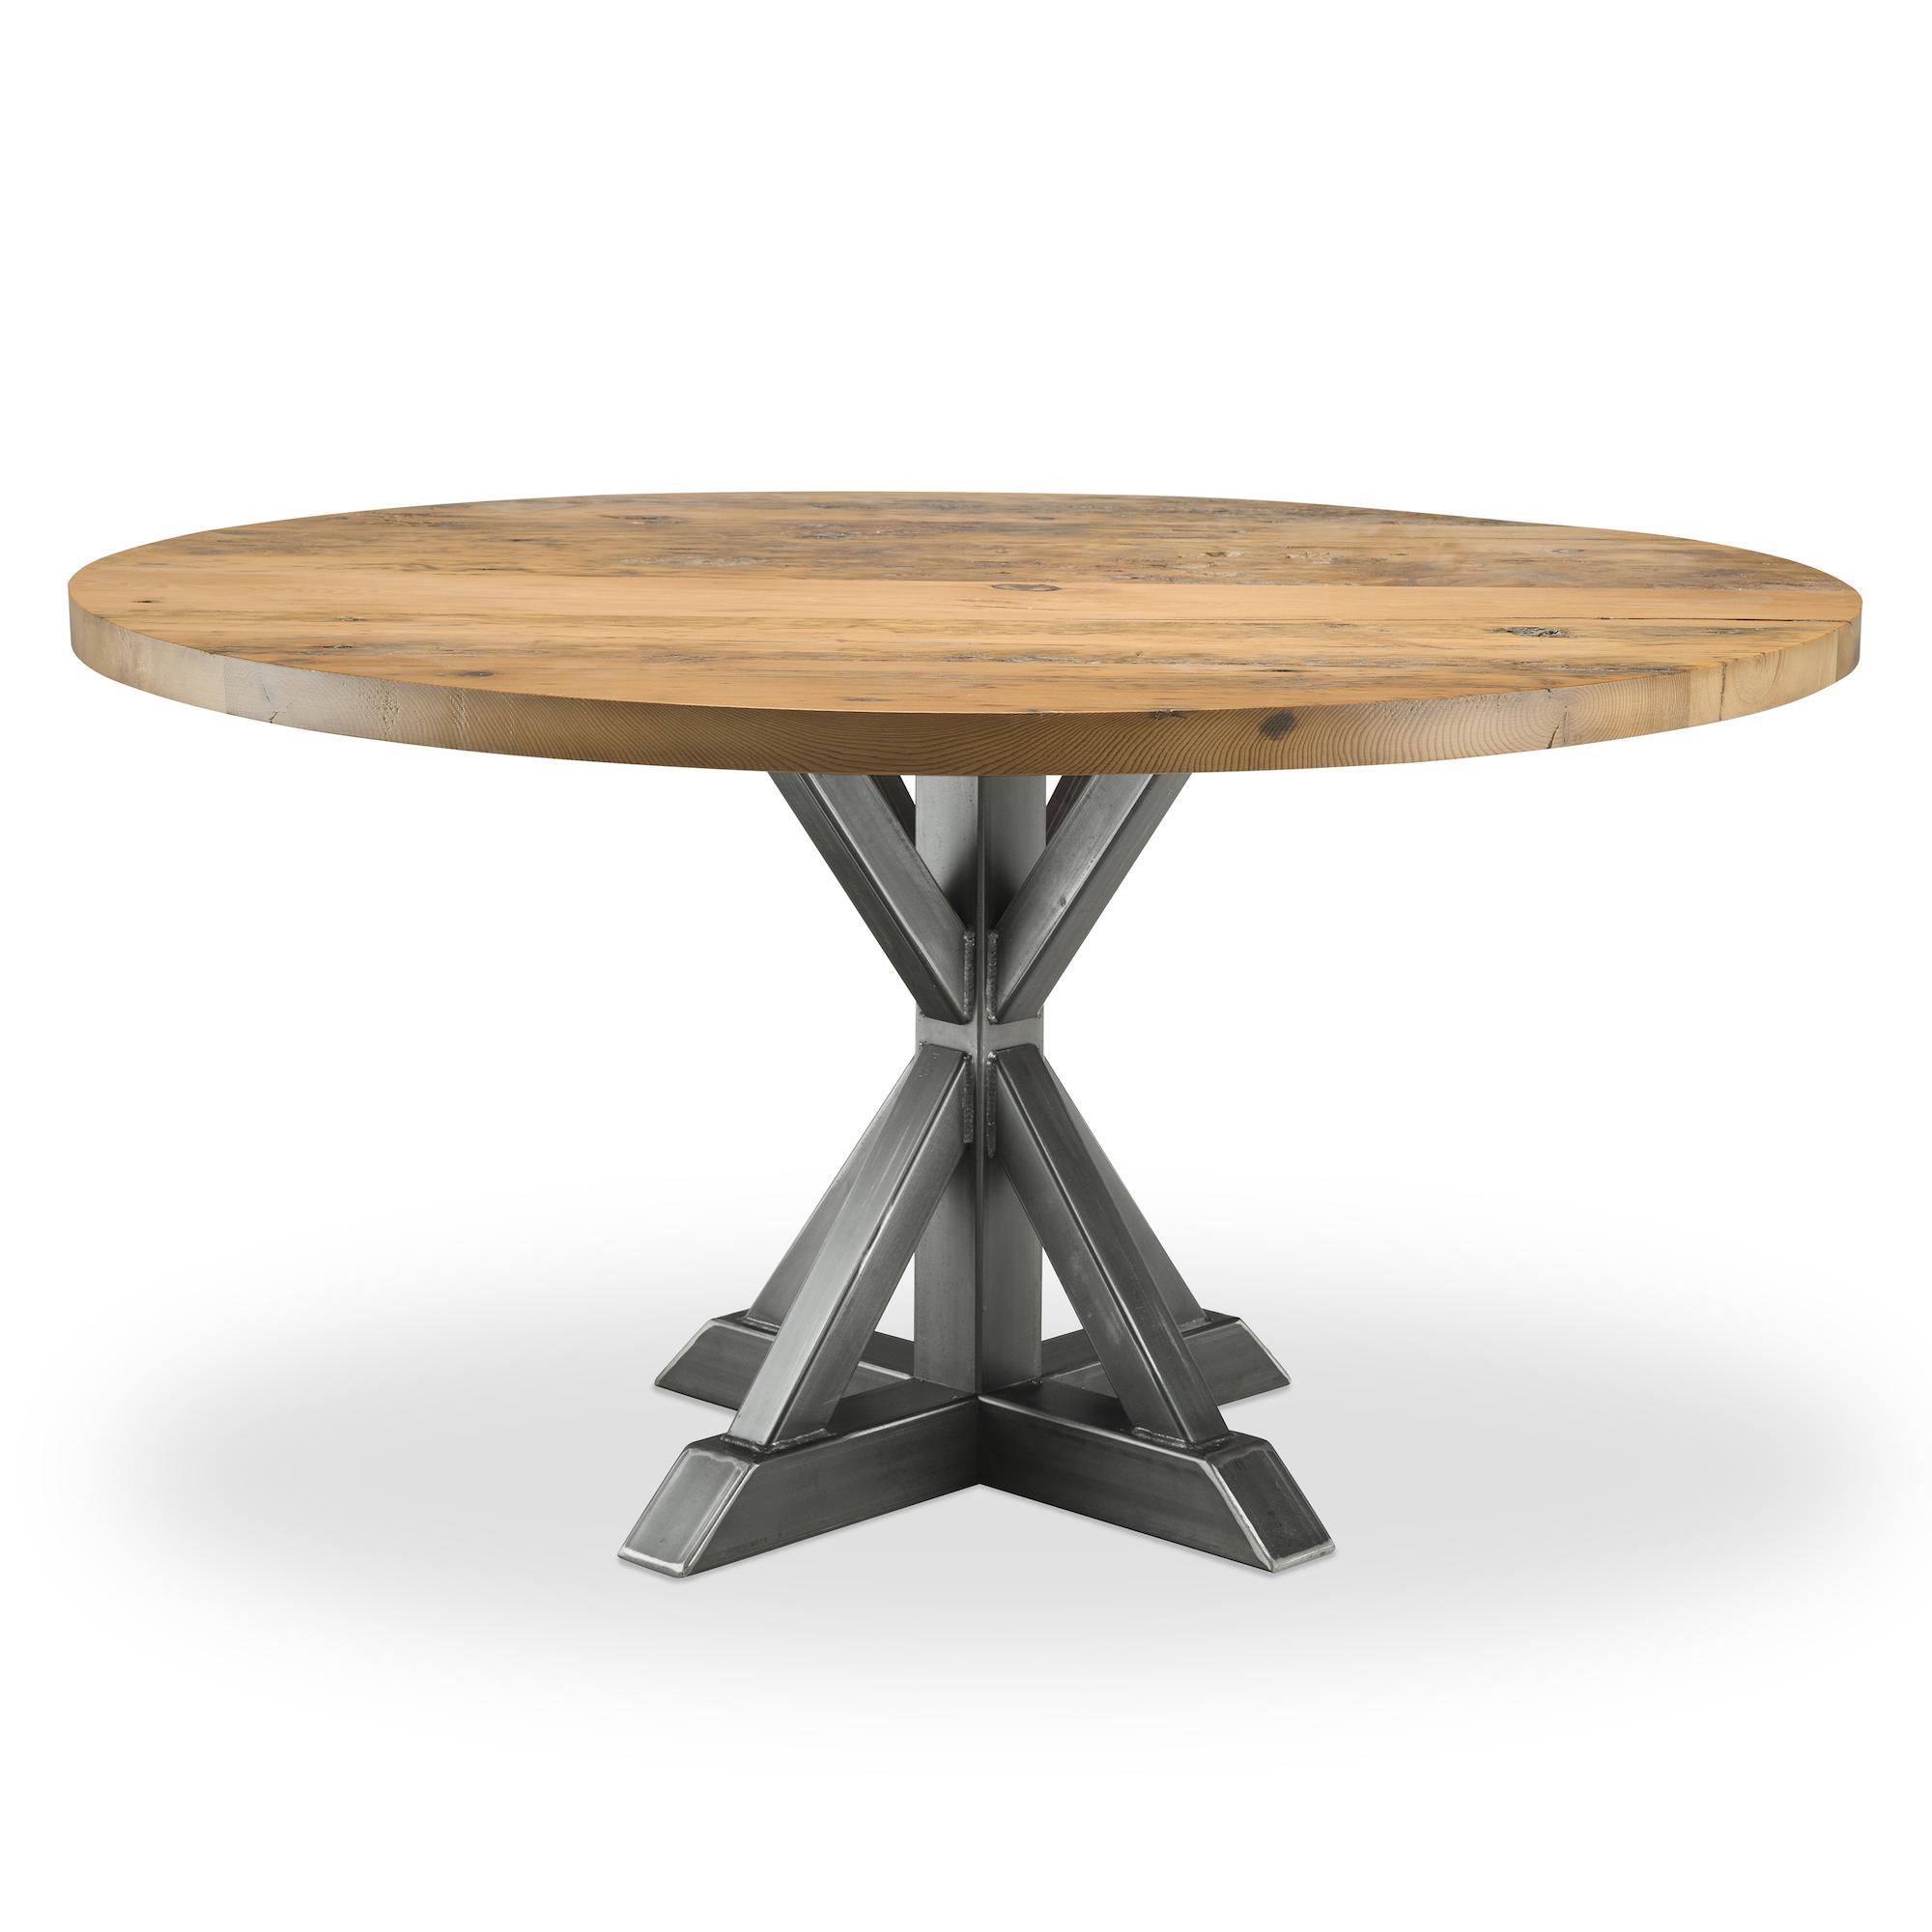 Jackson_Single_Ped_Table-2-1.jpg